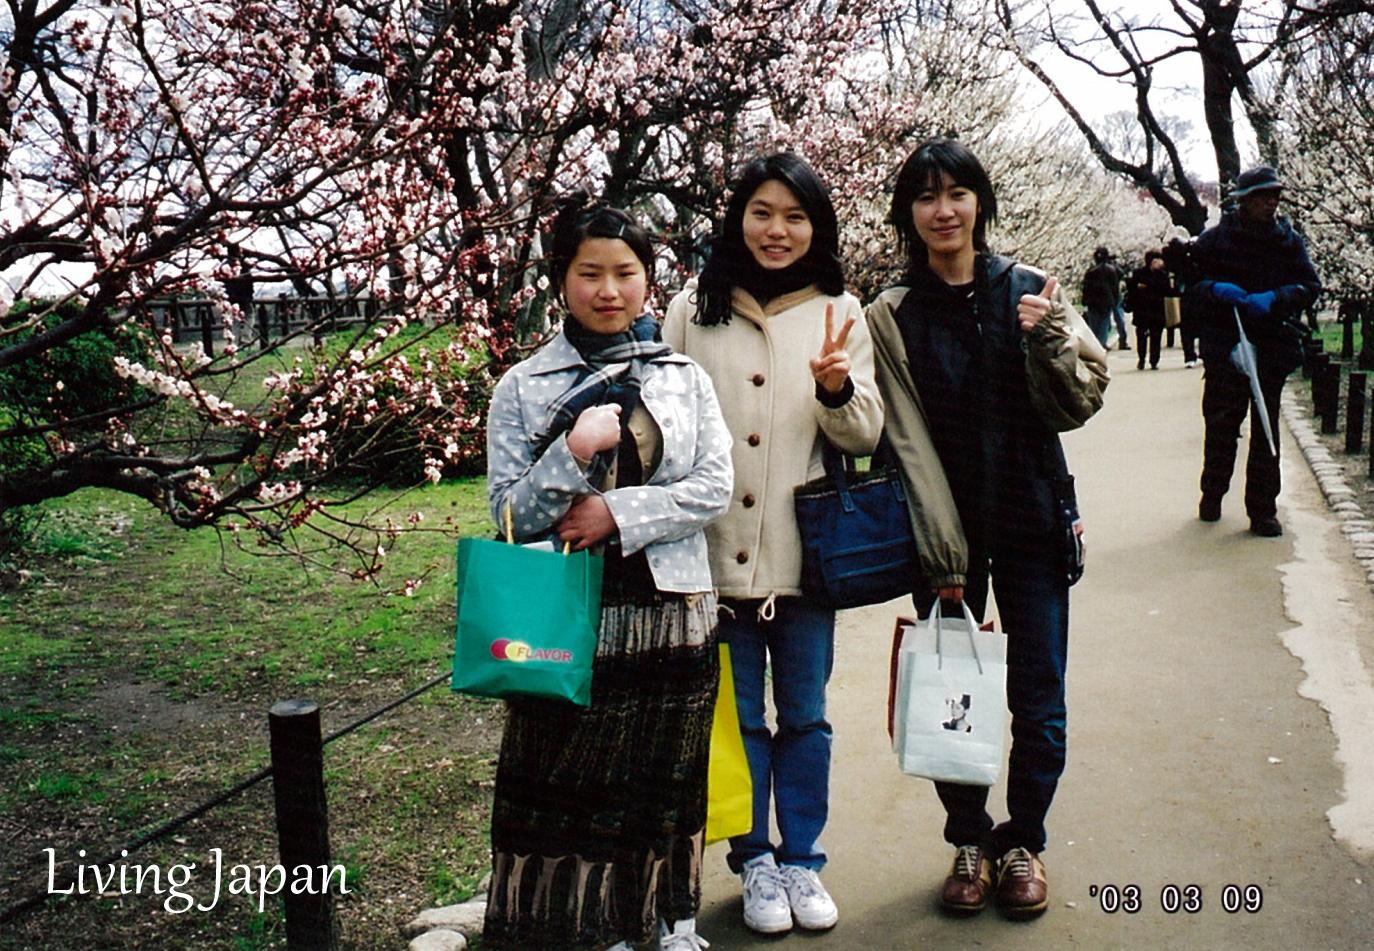 Chương trình học bổng trao đổi sinh viên Nhật Bản mới nhất 2017